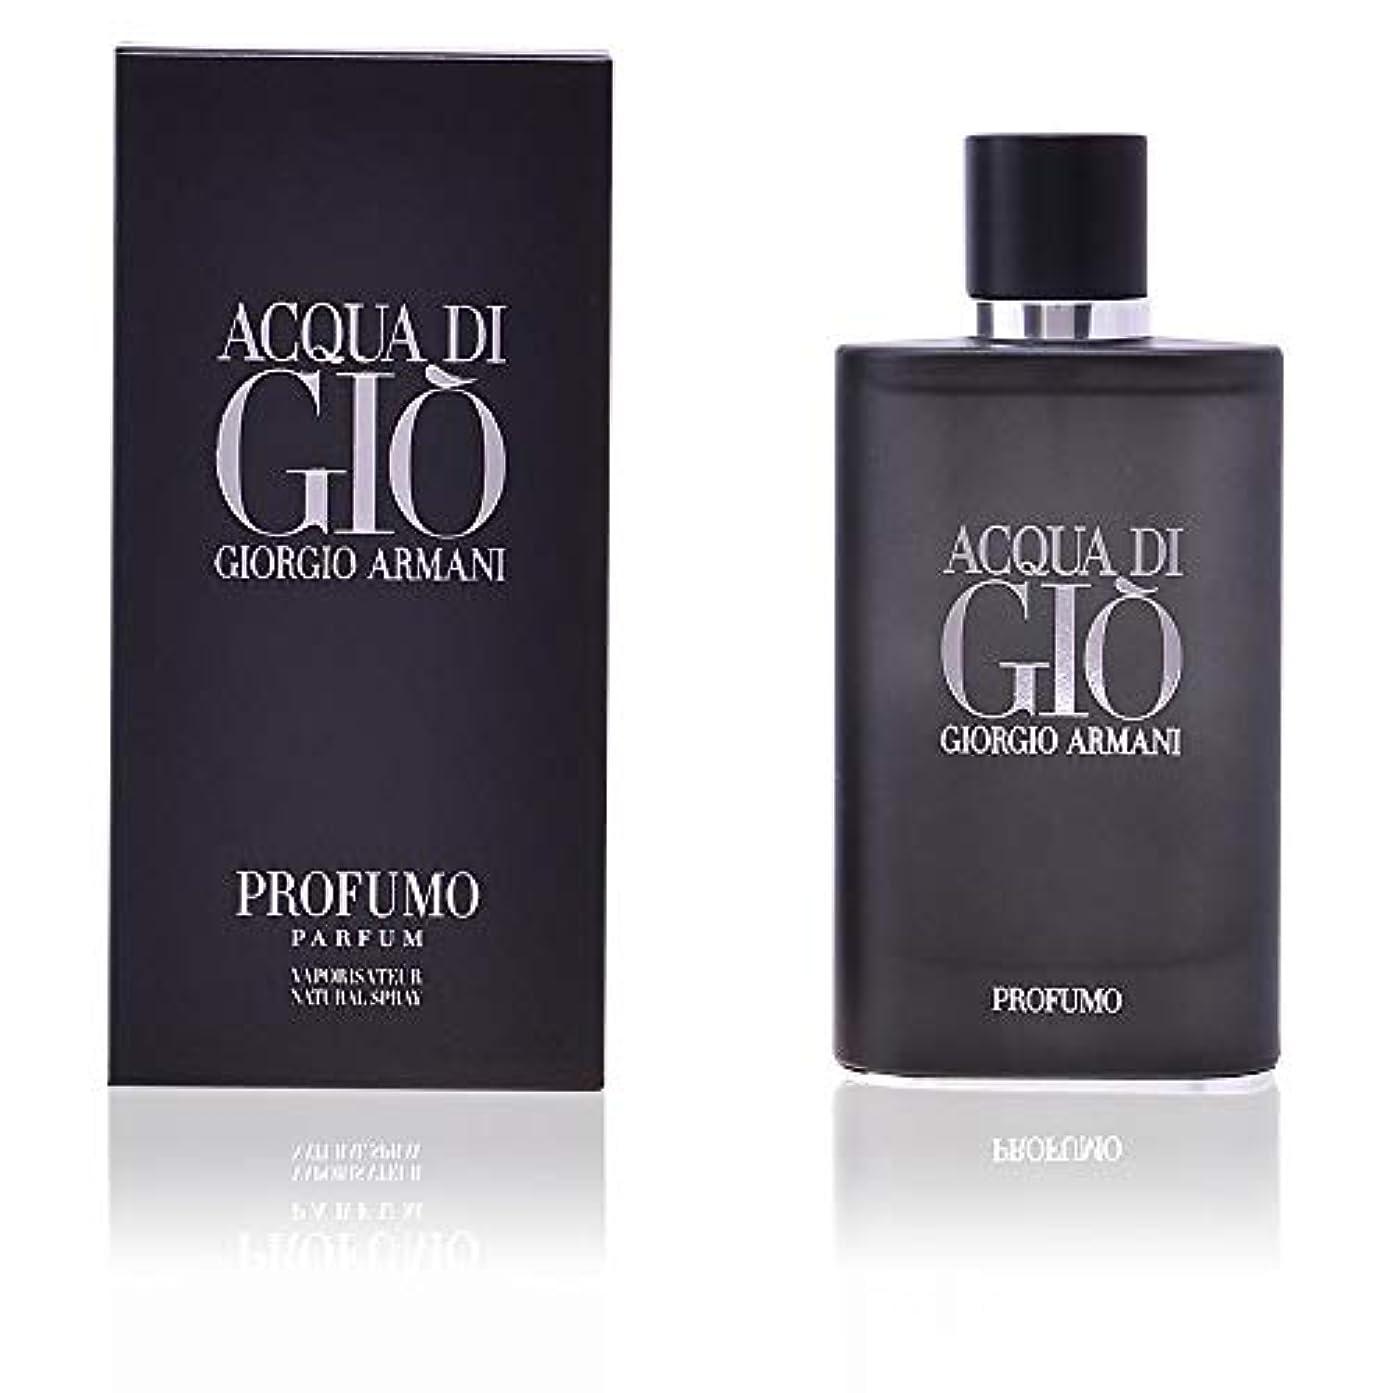 限りなく風急勾配のジョルジオアルマーニ Acqua Di Gio Profumo Parfum Spray 75ml [海外直送品]